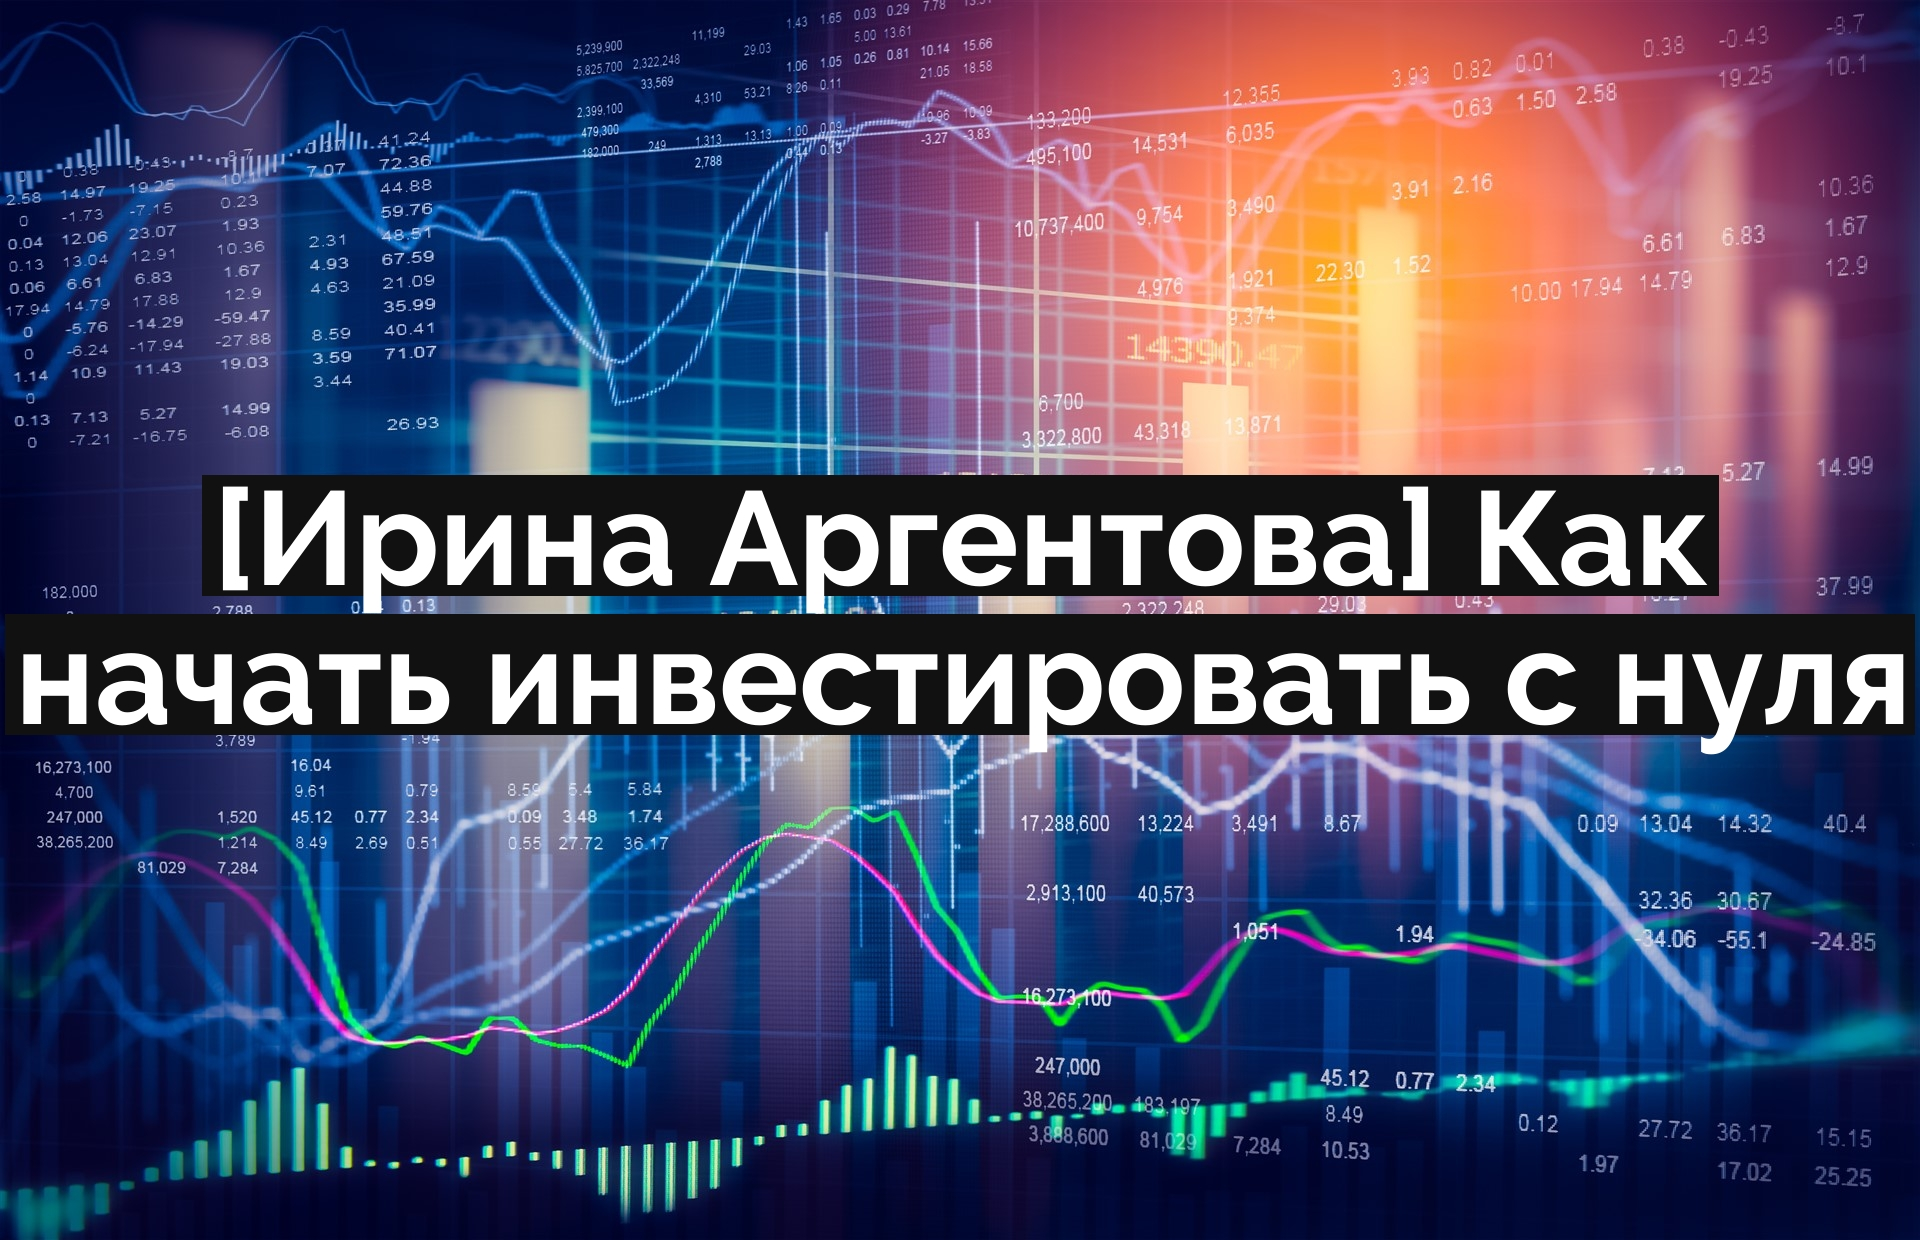 [Ирина Аргентова] Как начать инвестировать с нуля